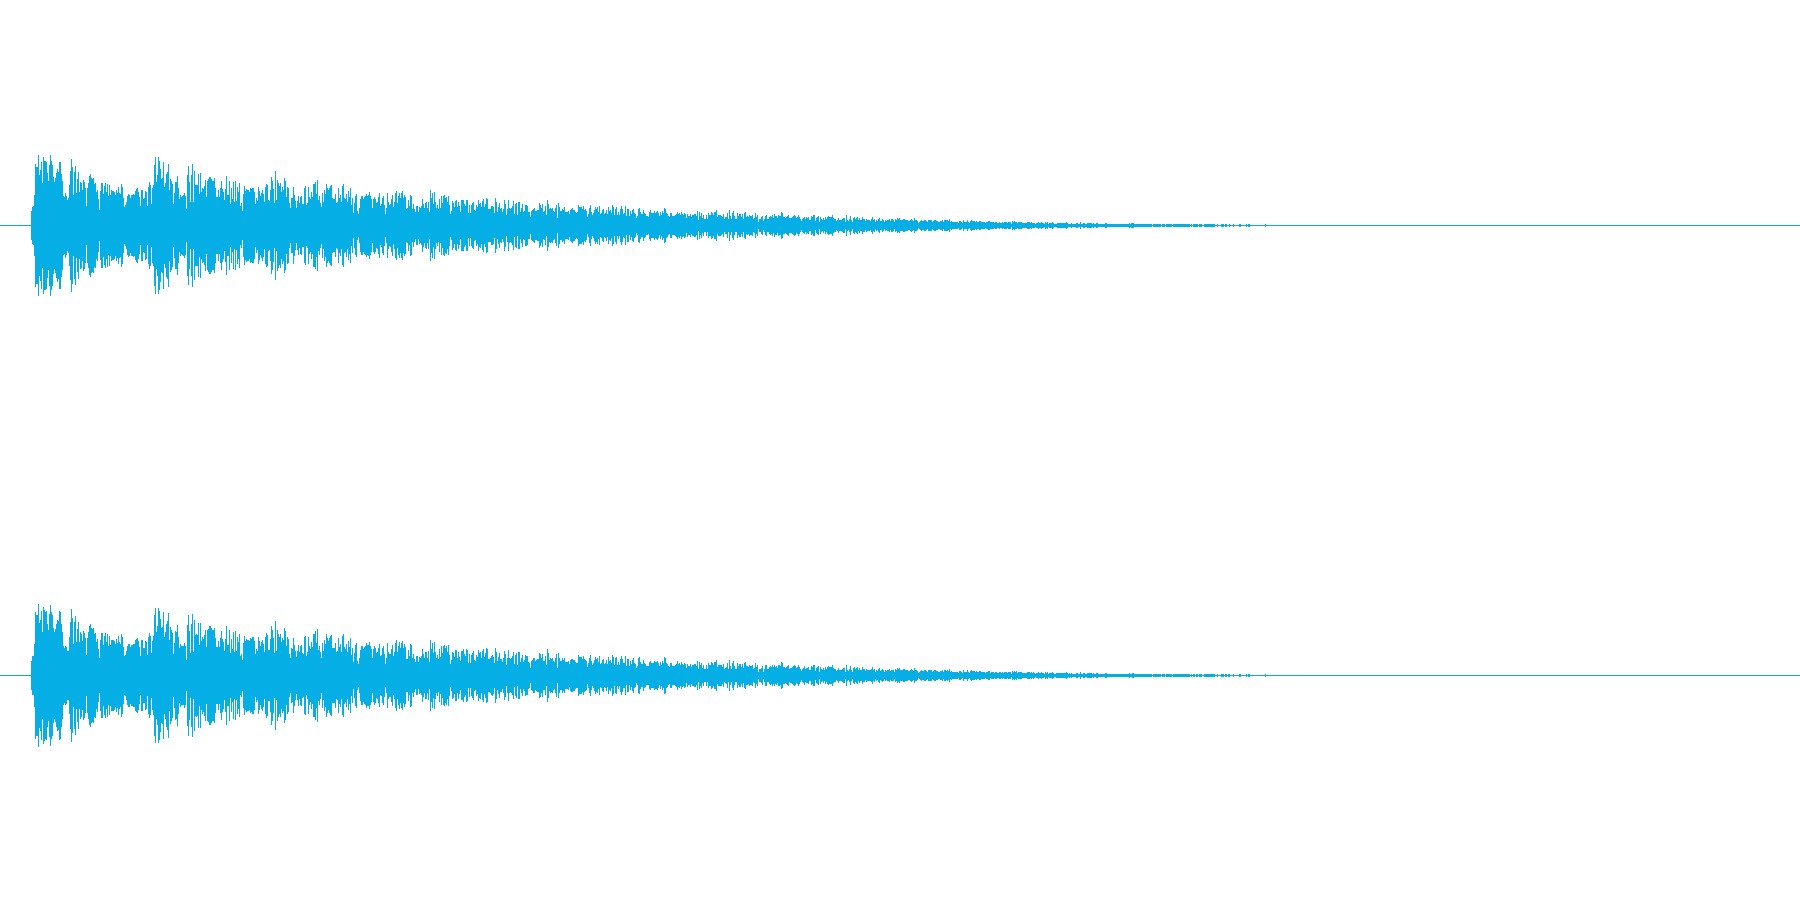 【ネガティブ07-7】の再生済みの波形